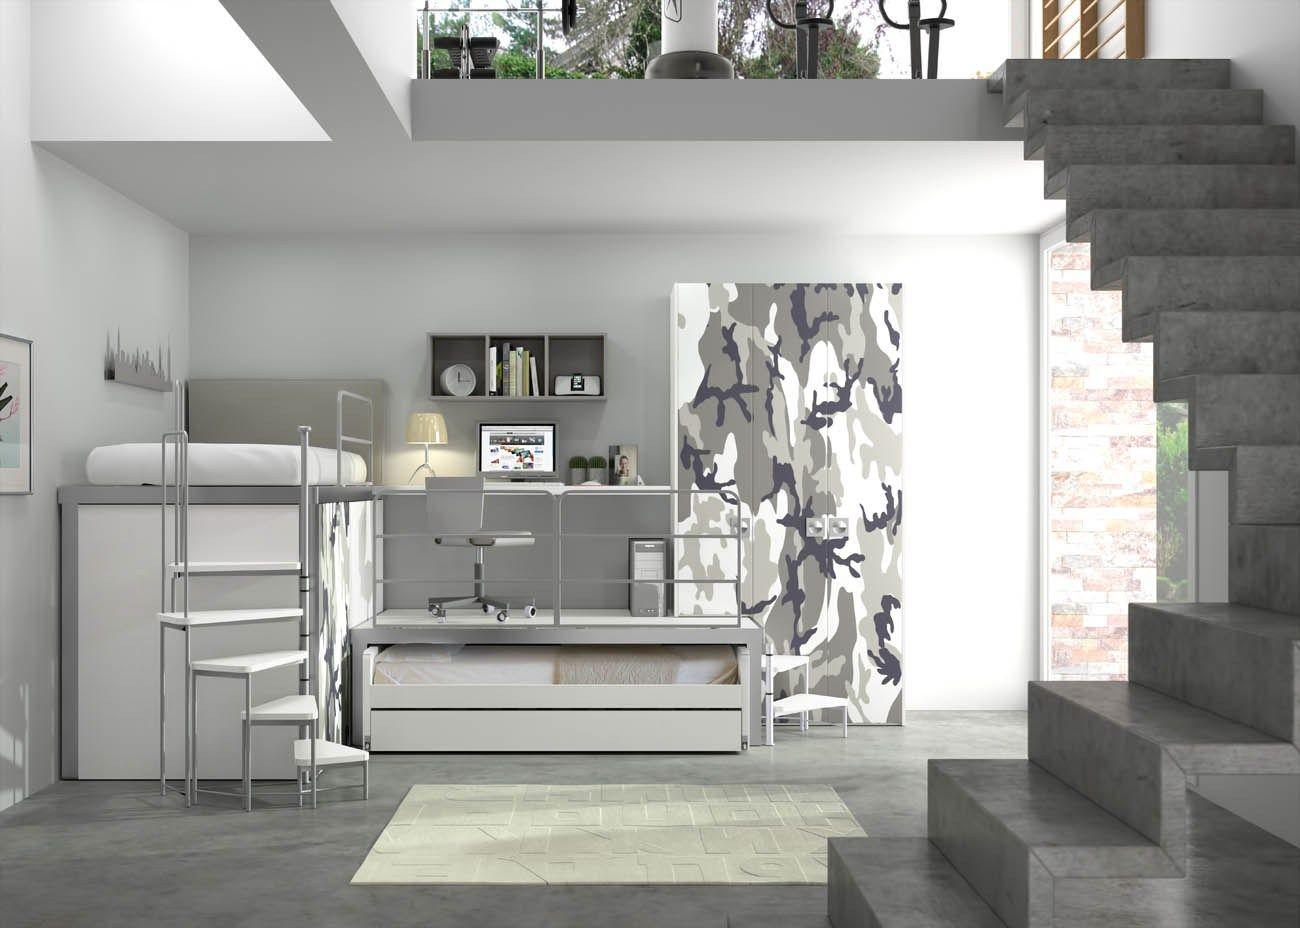 Chambre d 39 ado tiramolla 178 by tumidei design marelli e for Due d arredamenti